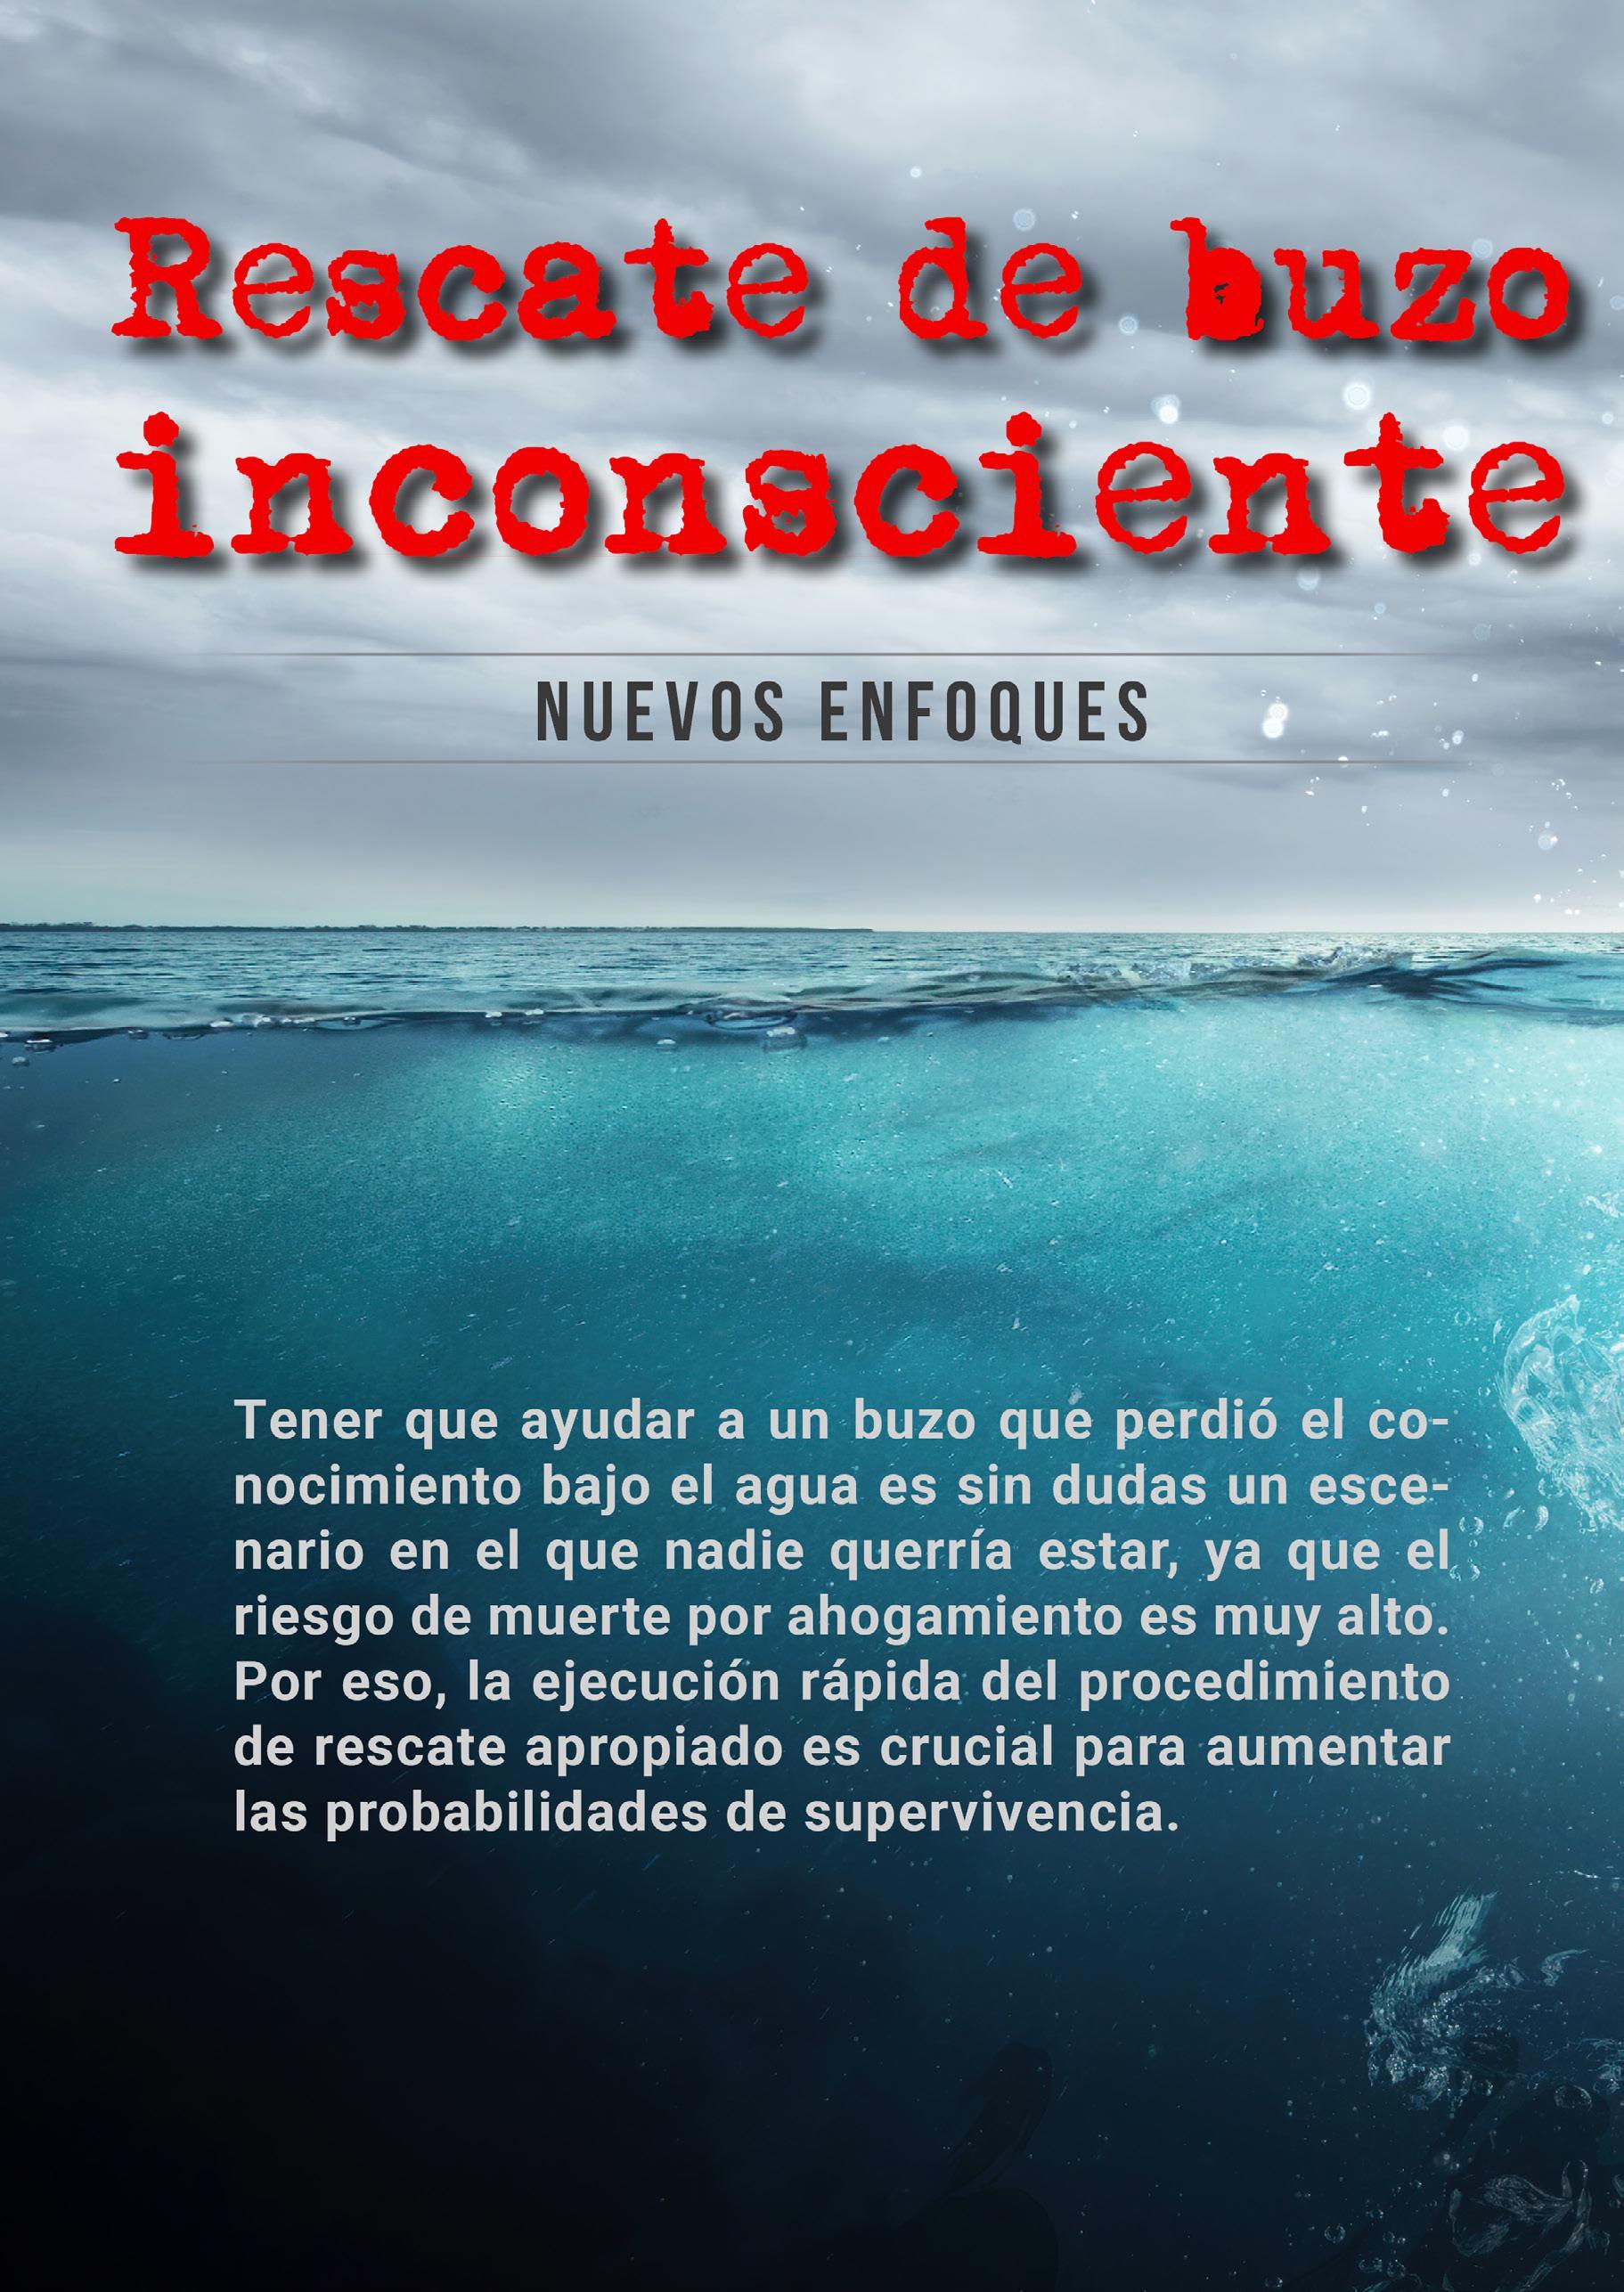 Page 90 of Buceo y Ciencia: Rescate de buzo inconsciente